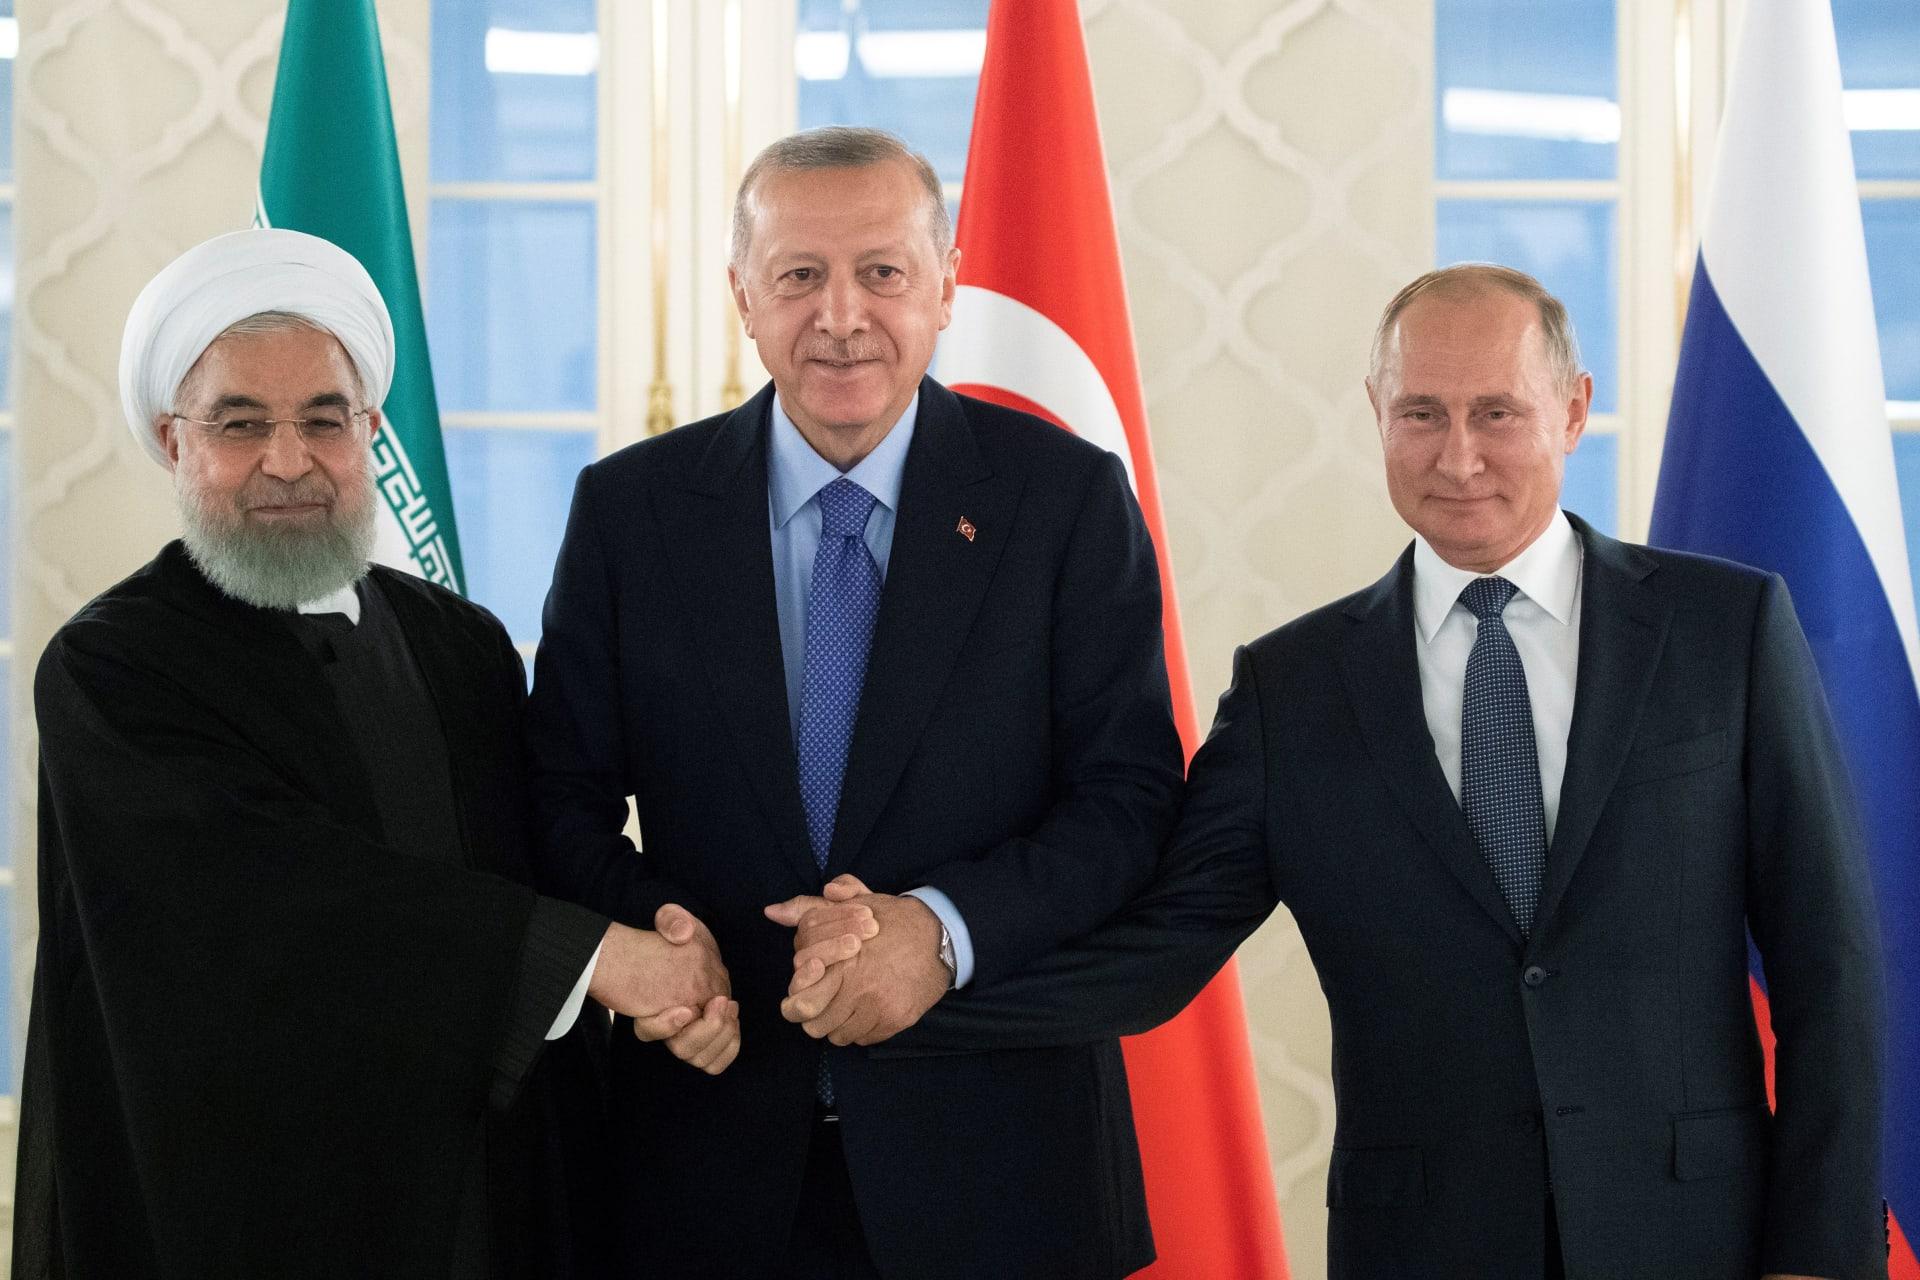 روحاني: محاولات تغيير النظام في سوريا فشلت.. ويجب حل الأزمة سياسيًا